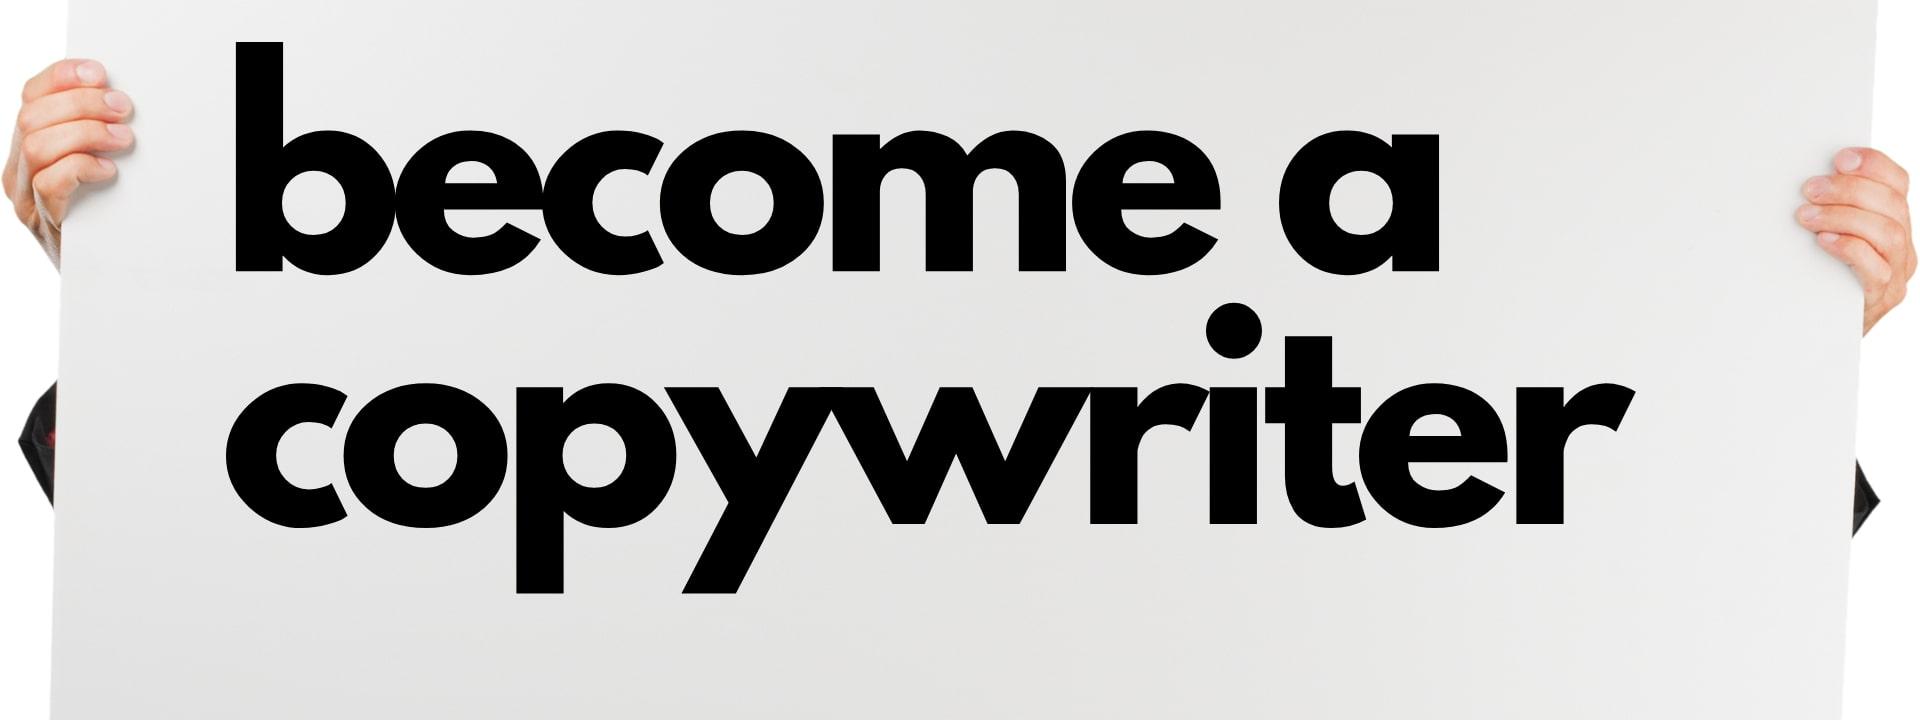 Become a copywriter